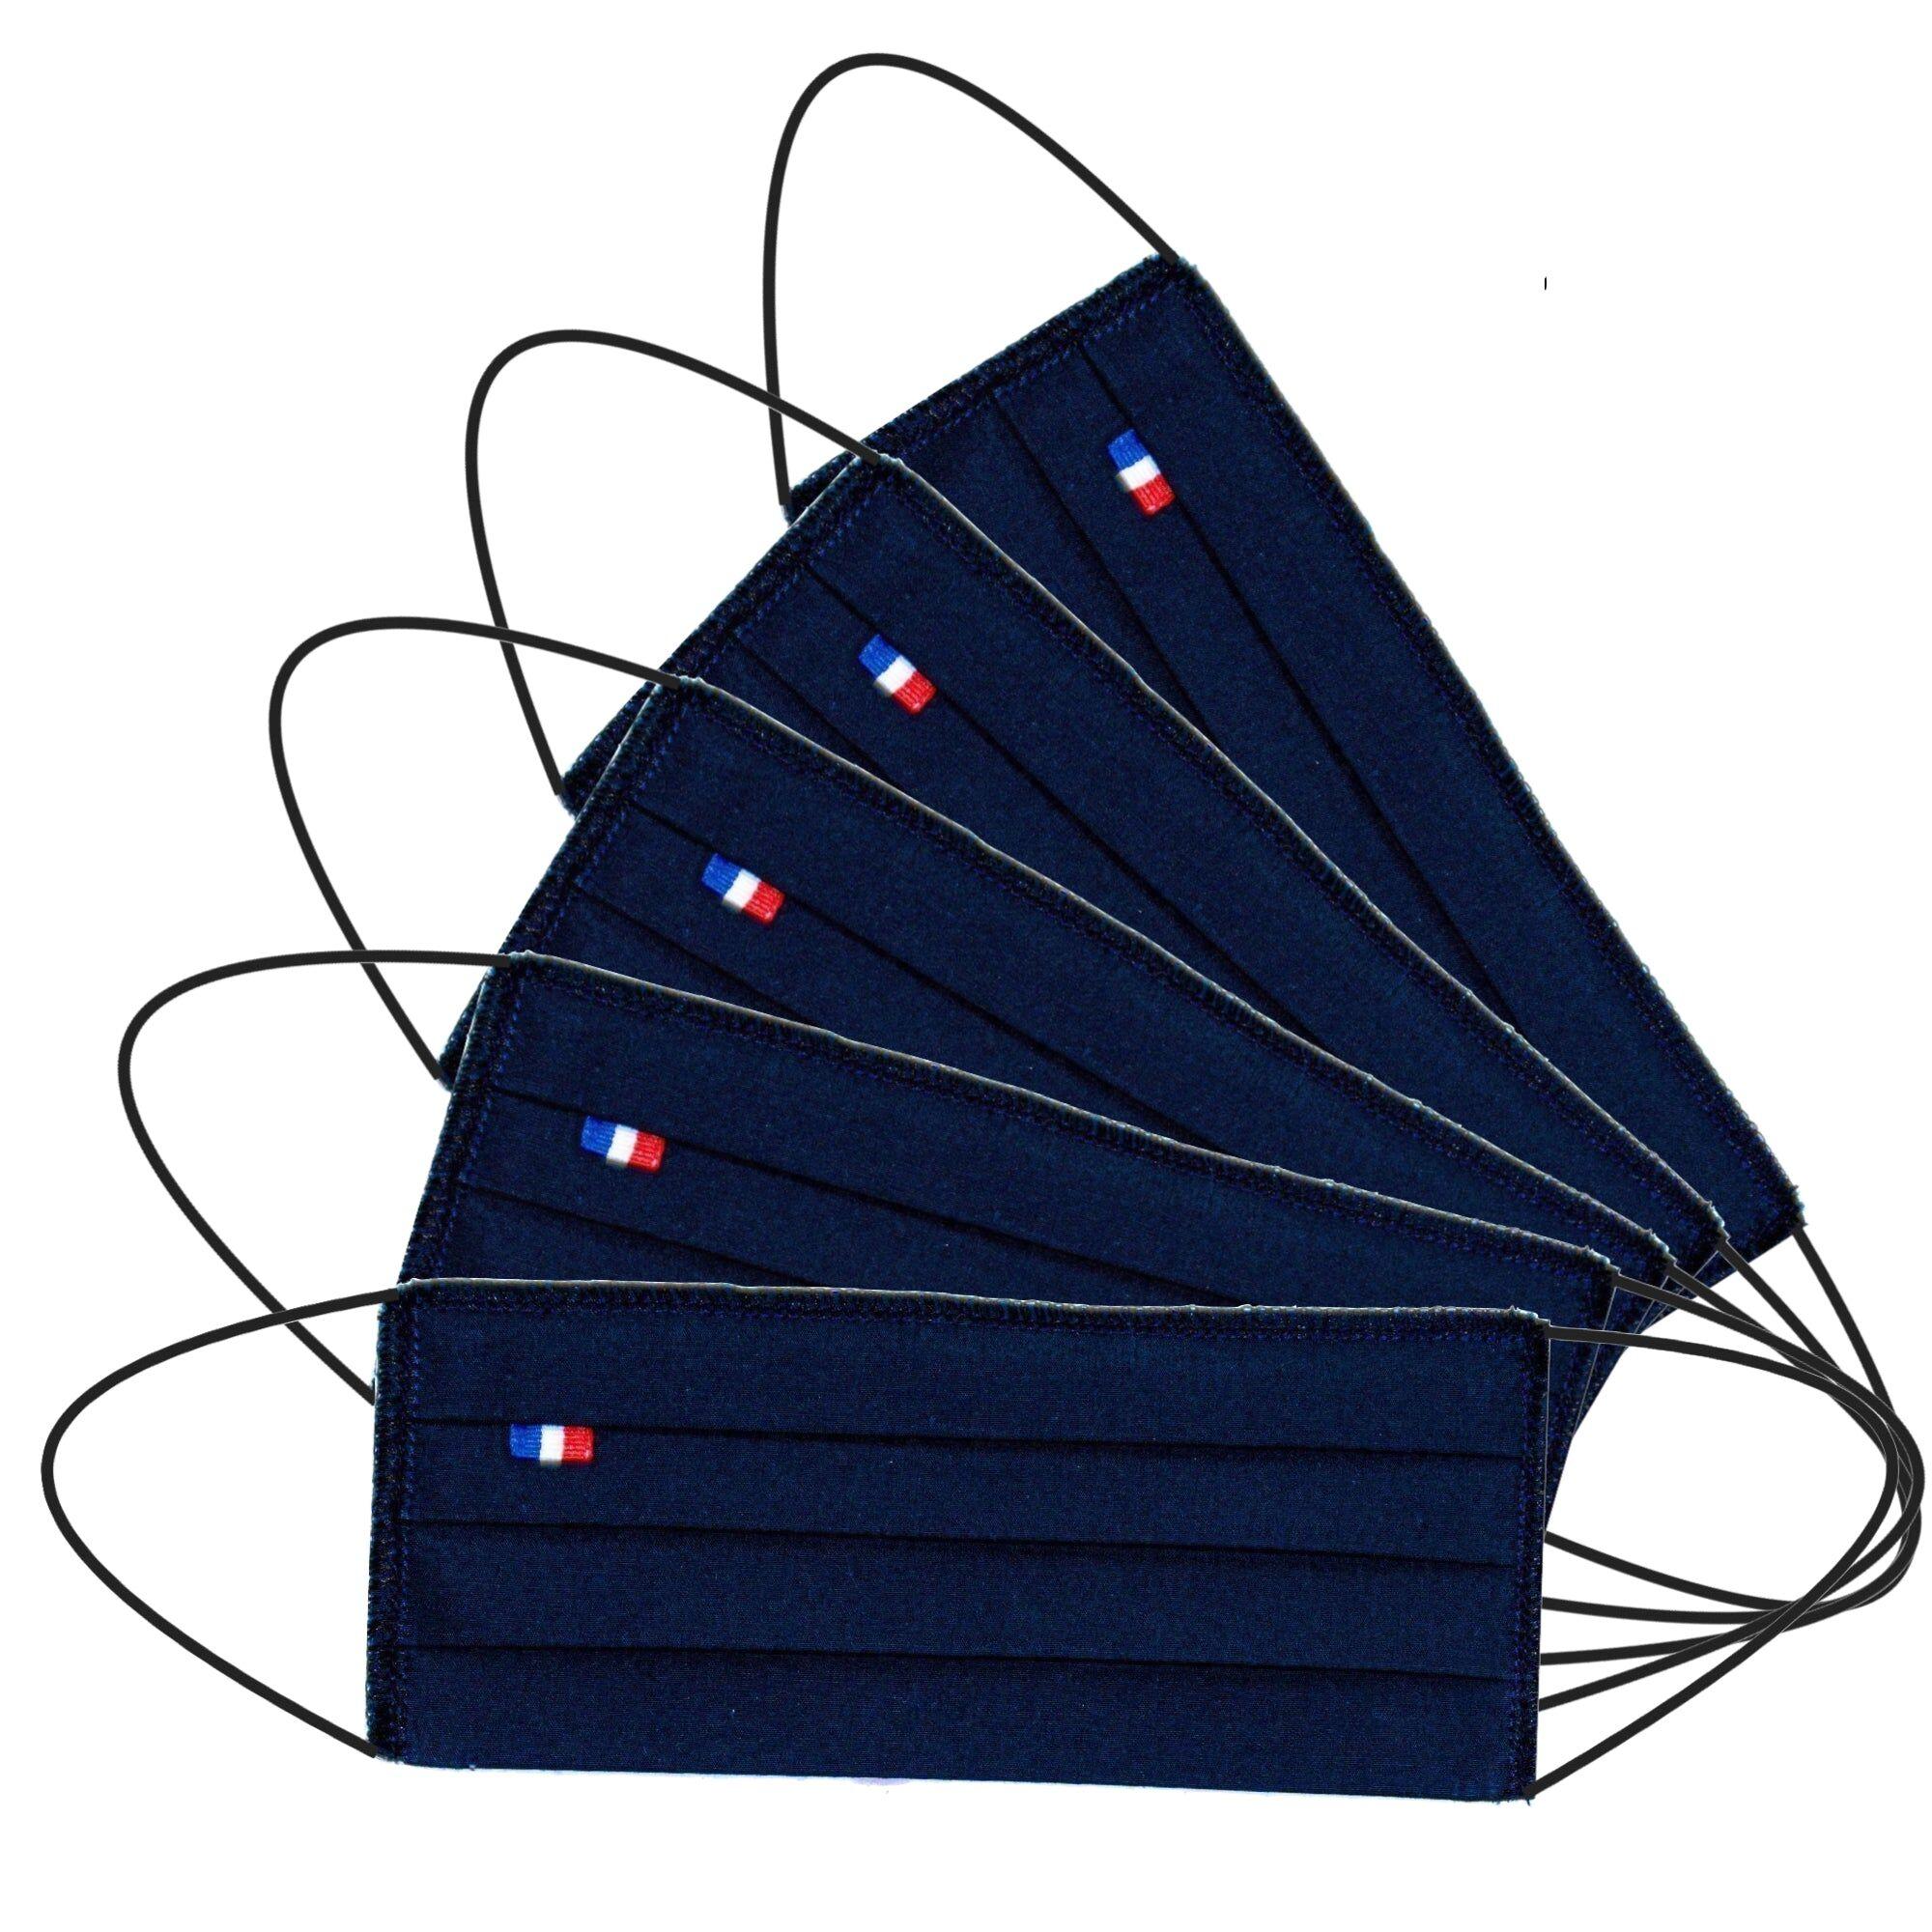 MASQUES DIRECT 5 Masques barrières 3 plis tissu lavable réutilisable bleu marine - testé 50 lavages